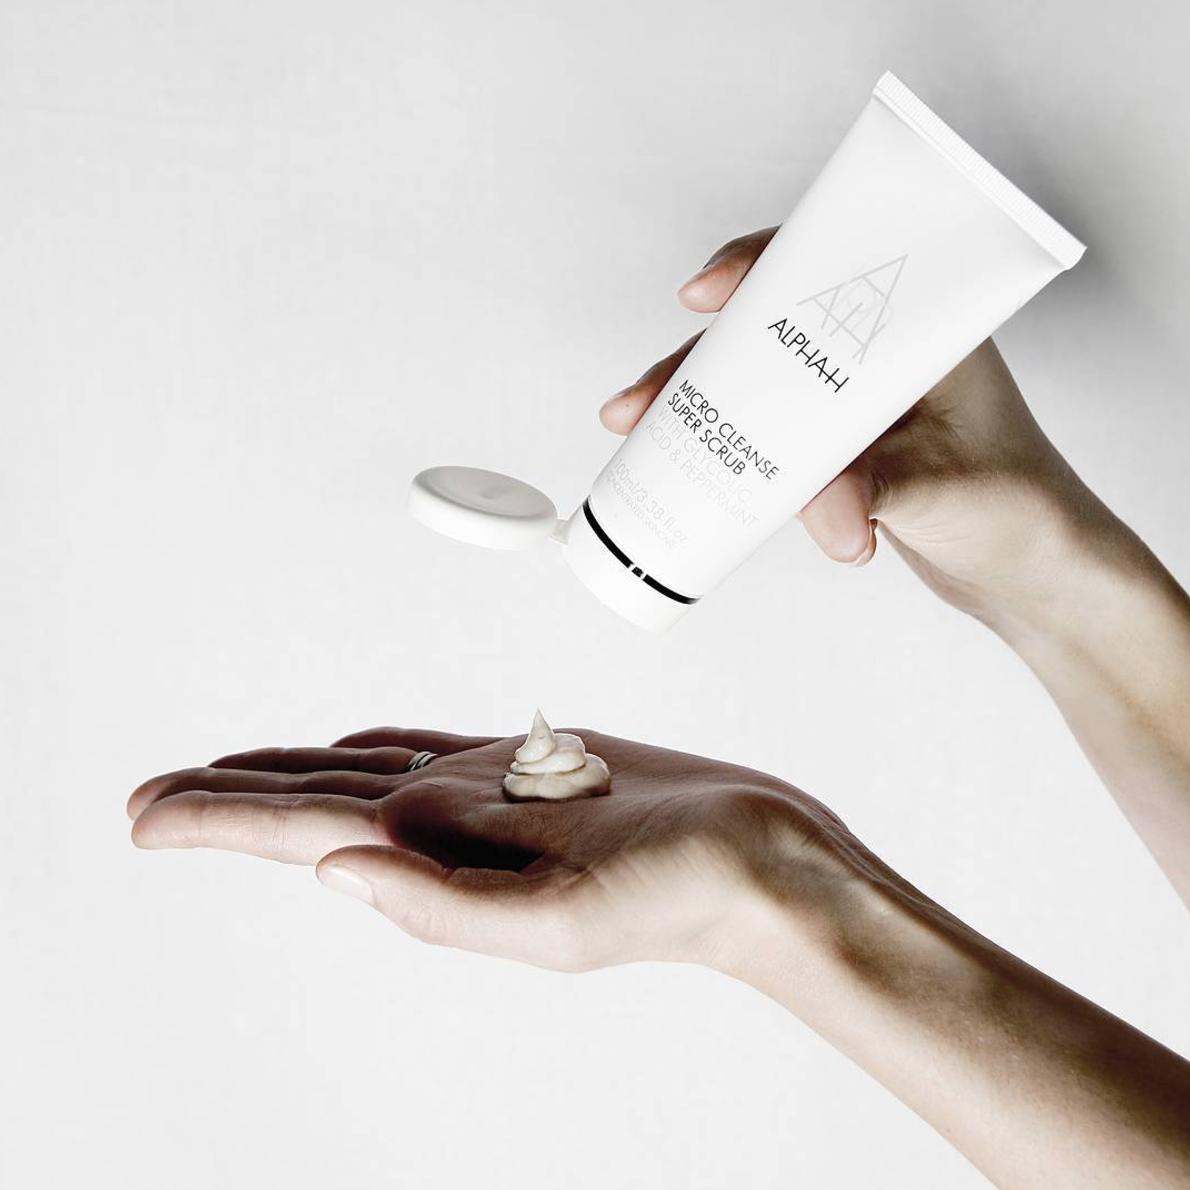 Skin detox manual exfoliation Alpha-H Micro Cleanse Super Scrub